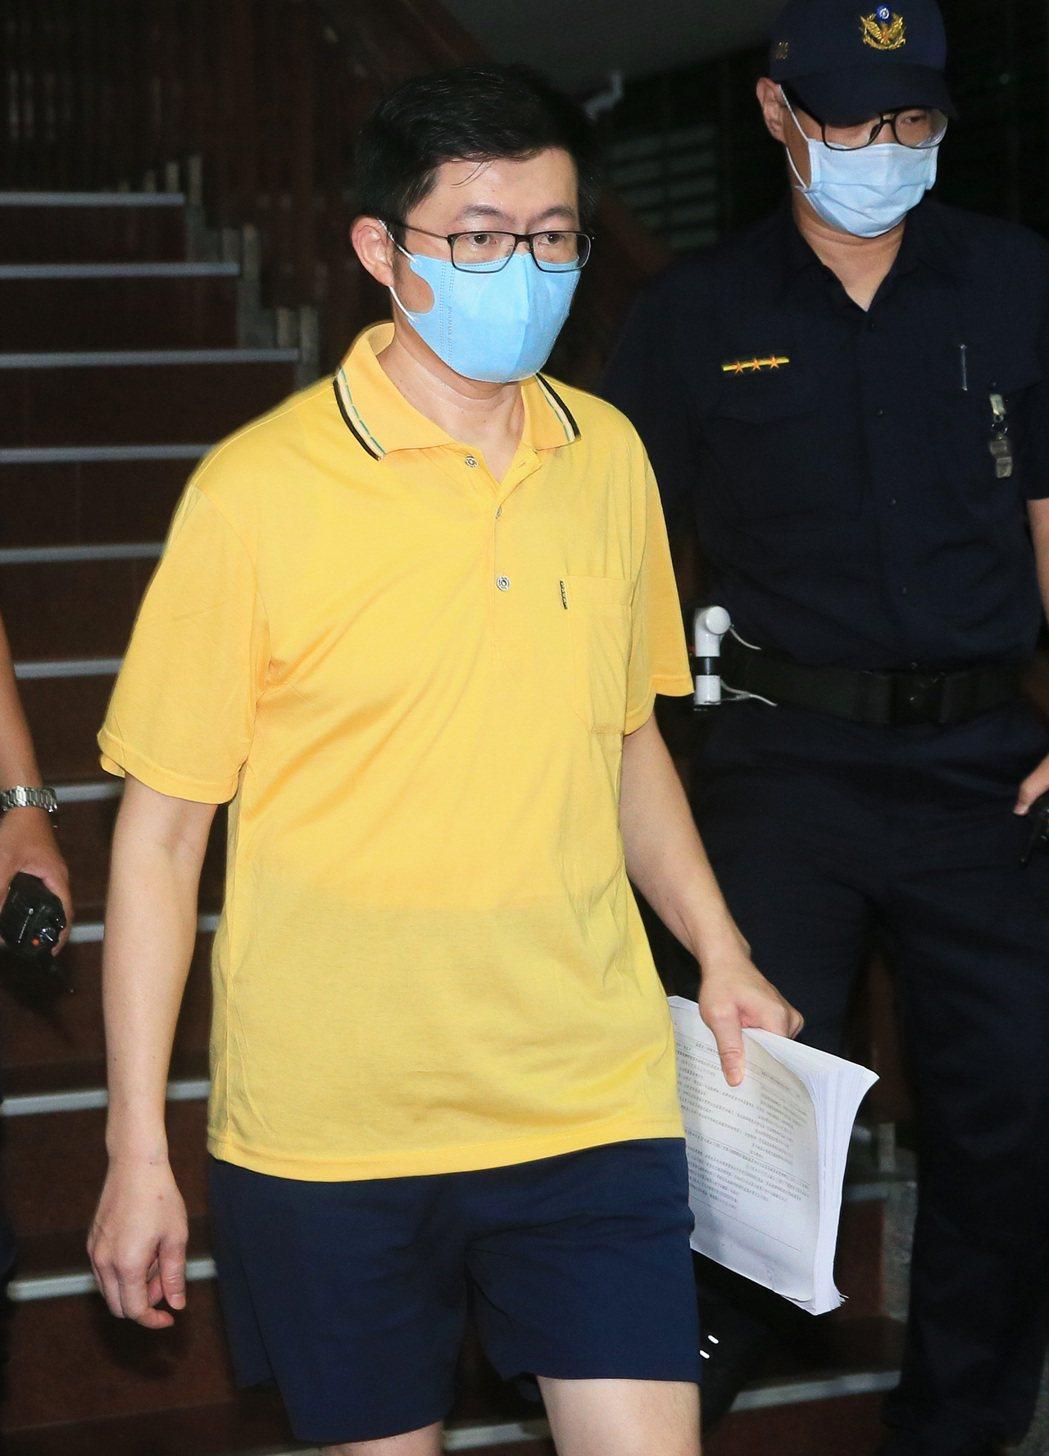 立委廖國棟辦公室主任丁復華在偵查中自白,並轉污點證人後獲得交保。記者潘俊宏/攝影